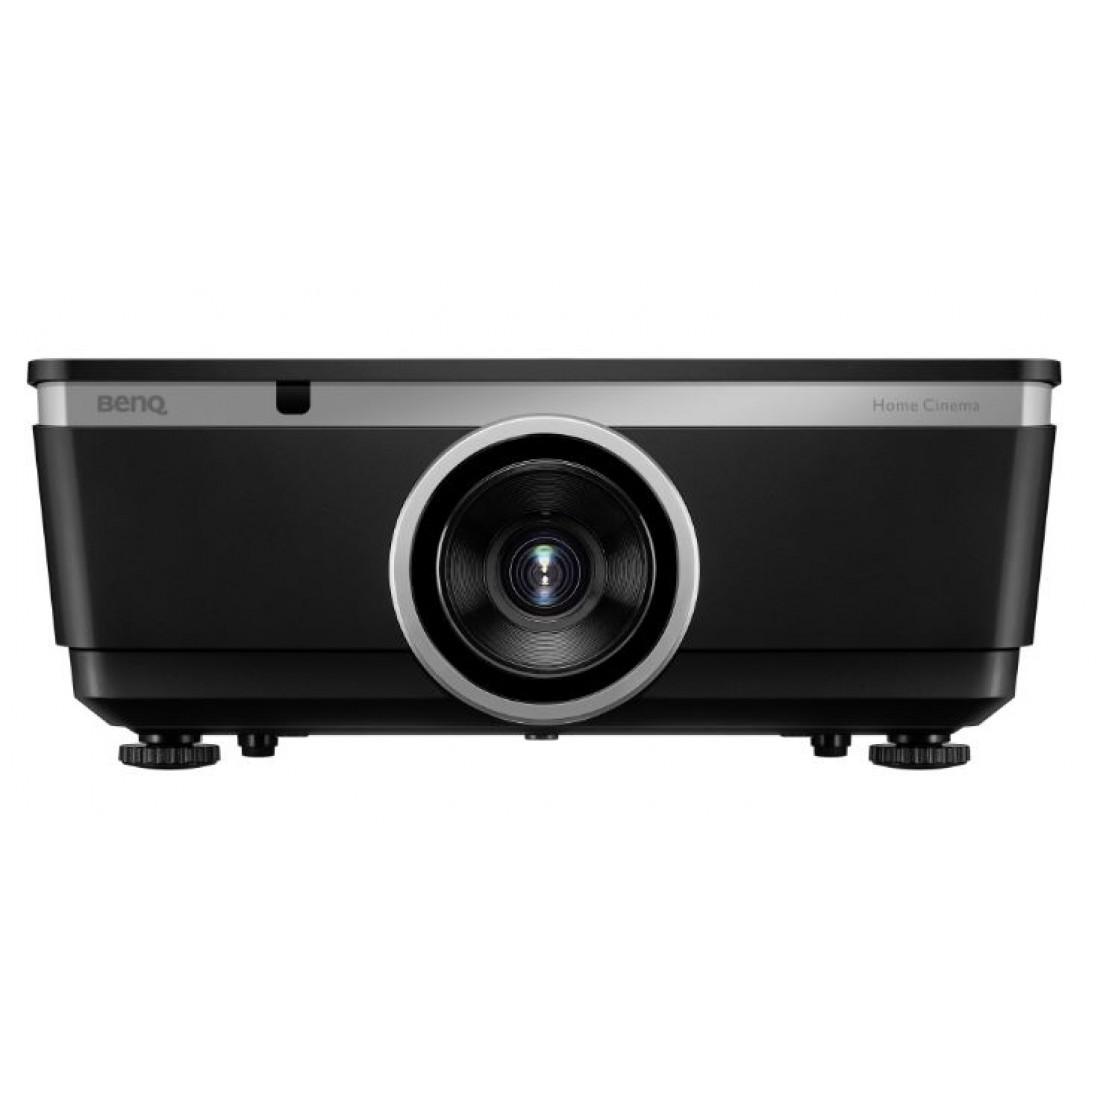 benq w8000 projector  ben q w8000 projector